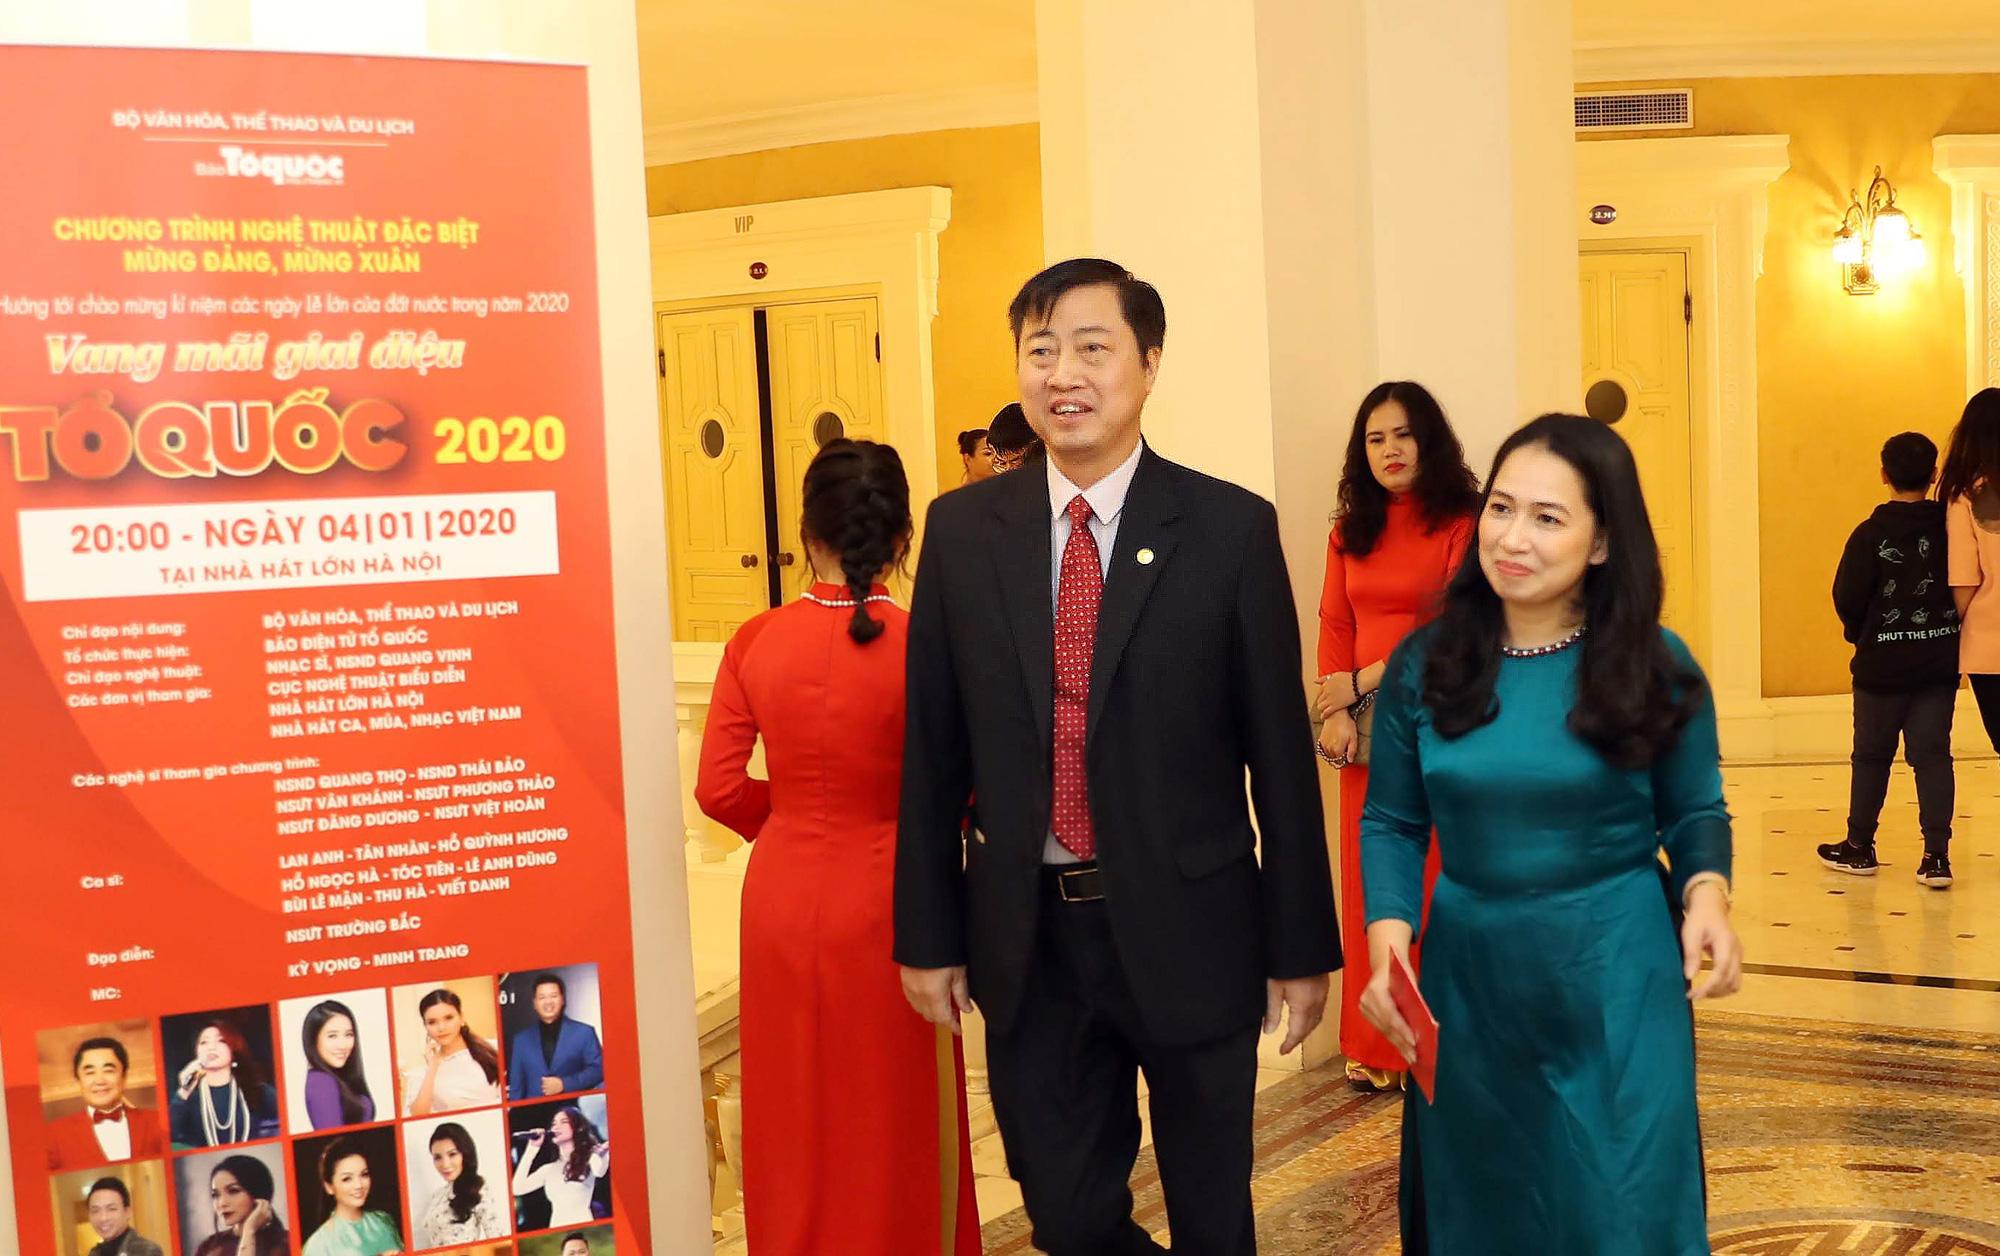 """Những vị khách đặc biệt của """"Vang mãi giai điệu Tổ Quốc 2020"""" chào đón thập niên mới, vận hội mới của dân tộc - Ảnh 7."""